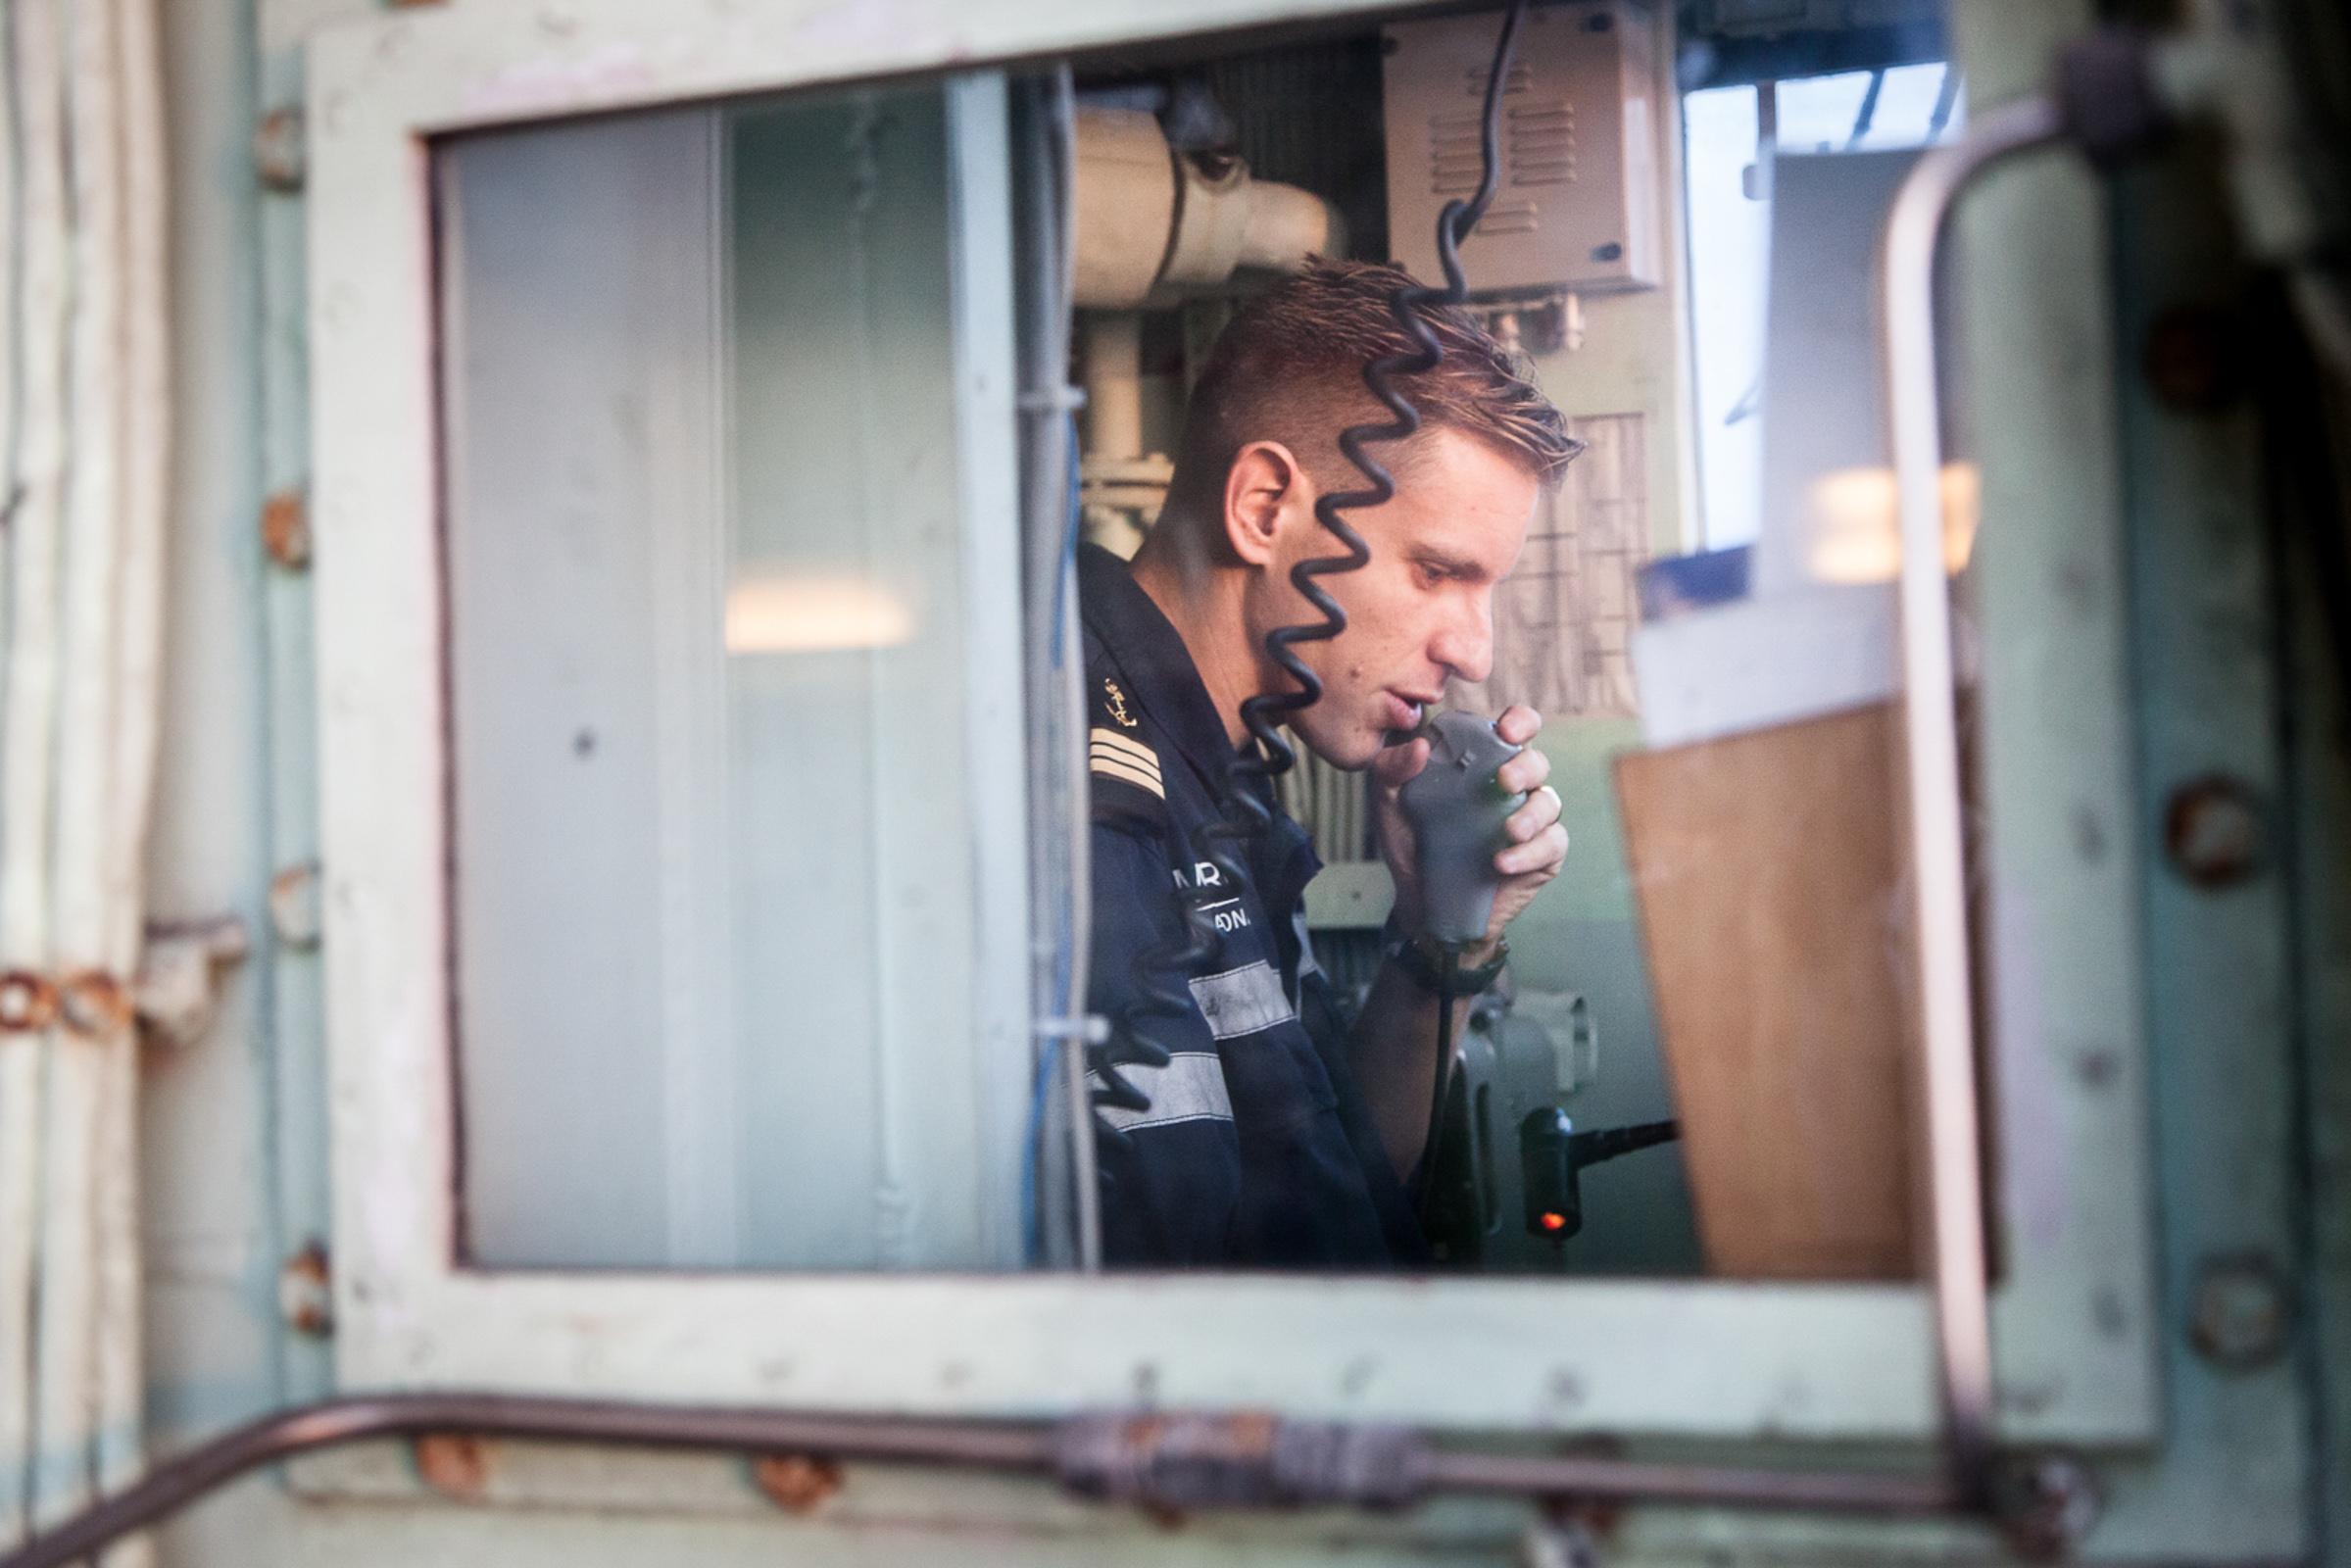 """Mer méditerrannée, 03.12.2015. Axel, commissaire de bord de la frégate anti-aérienne le """"Jean Bart""""."""